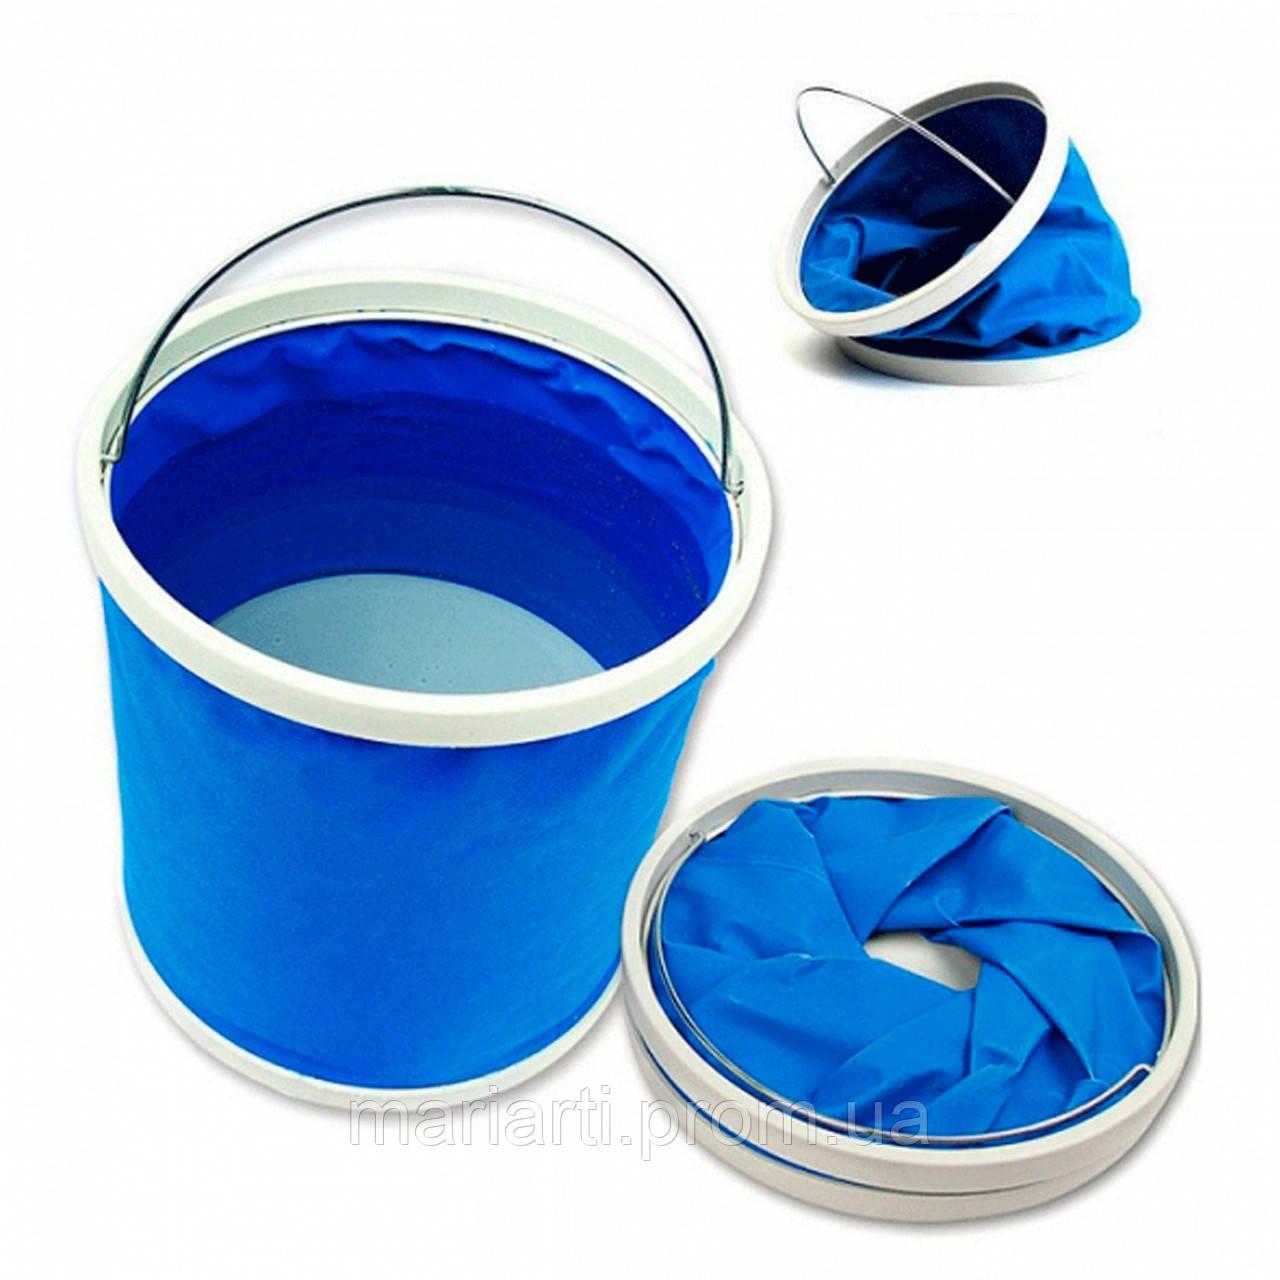 Компактное складное ведро Foldaway Bucket, Качество